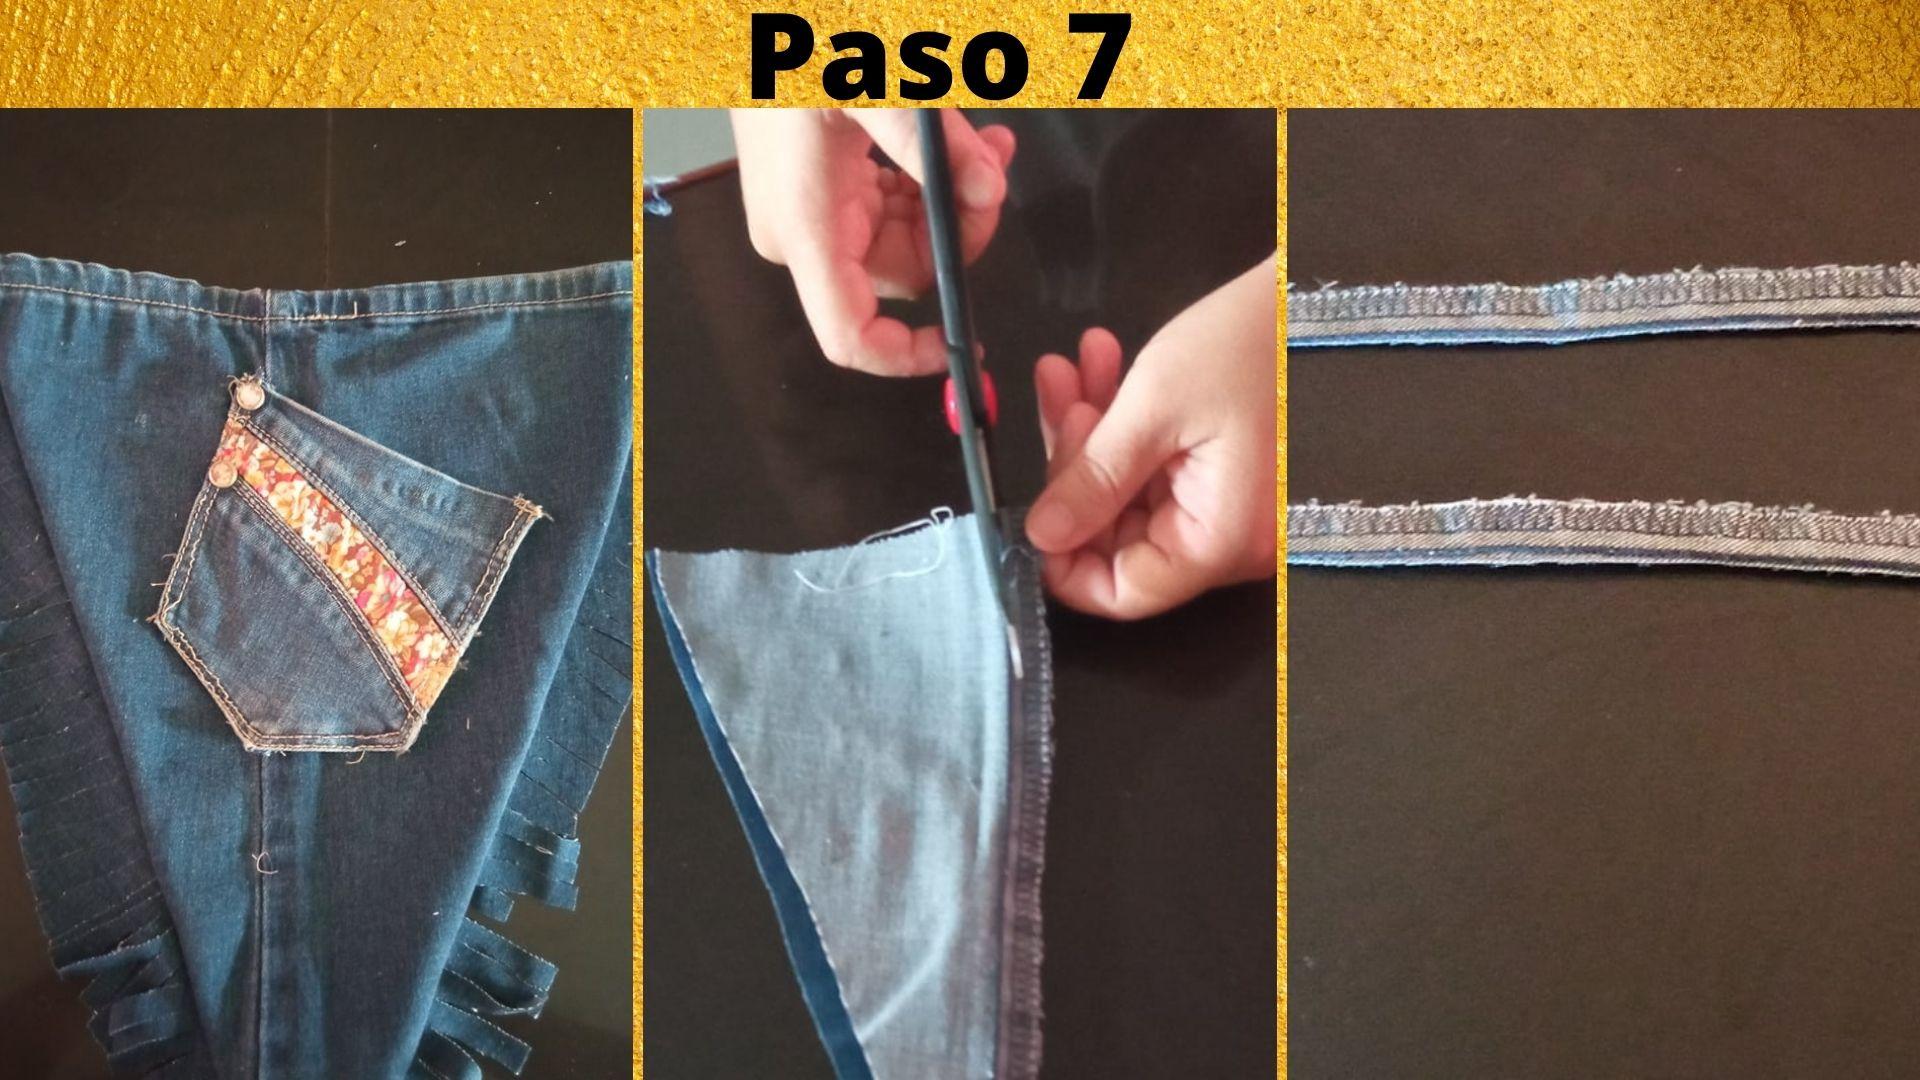 Paso 1 (8).jpg